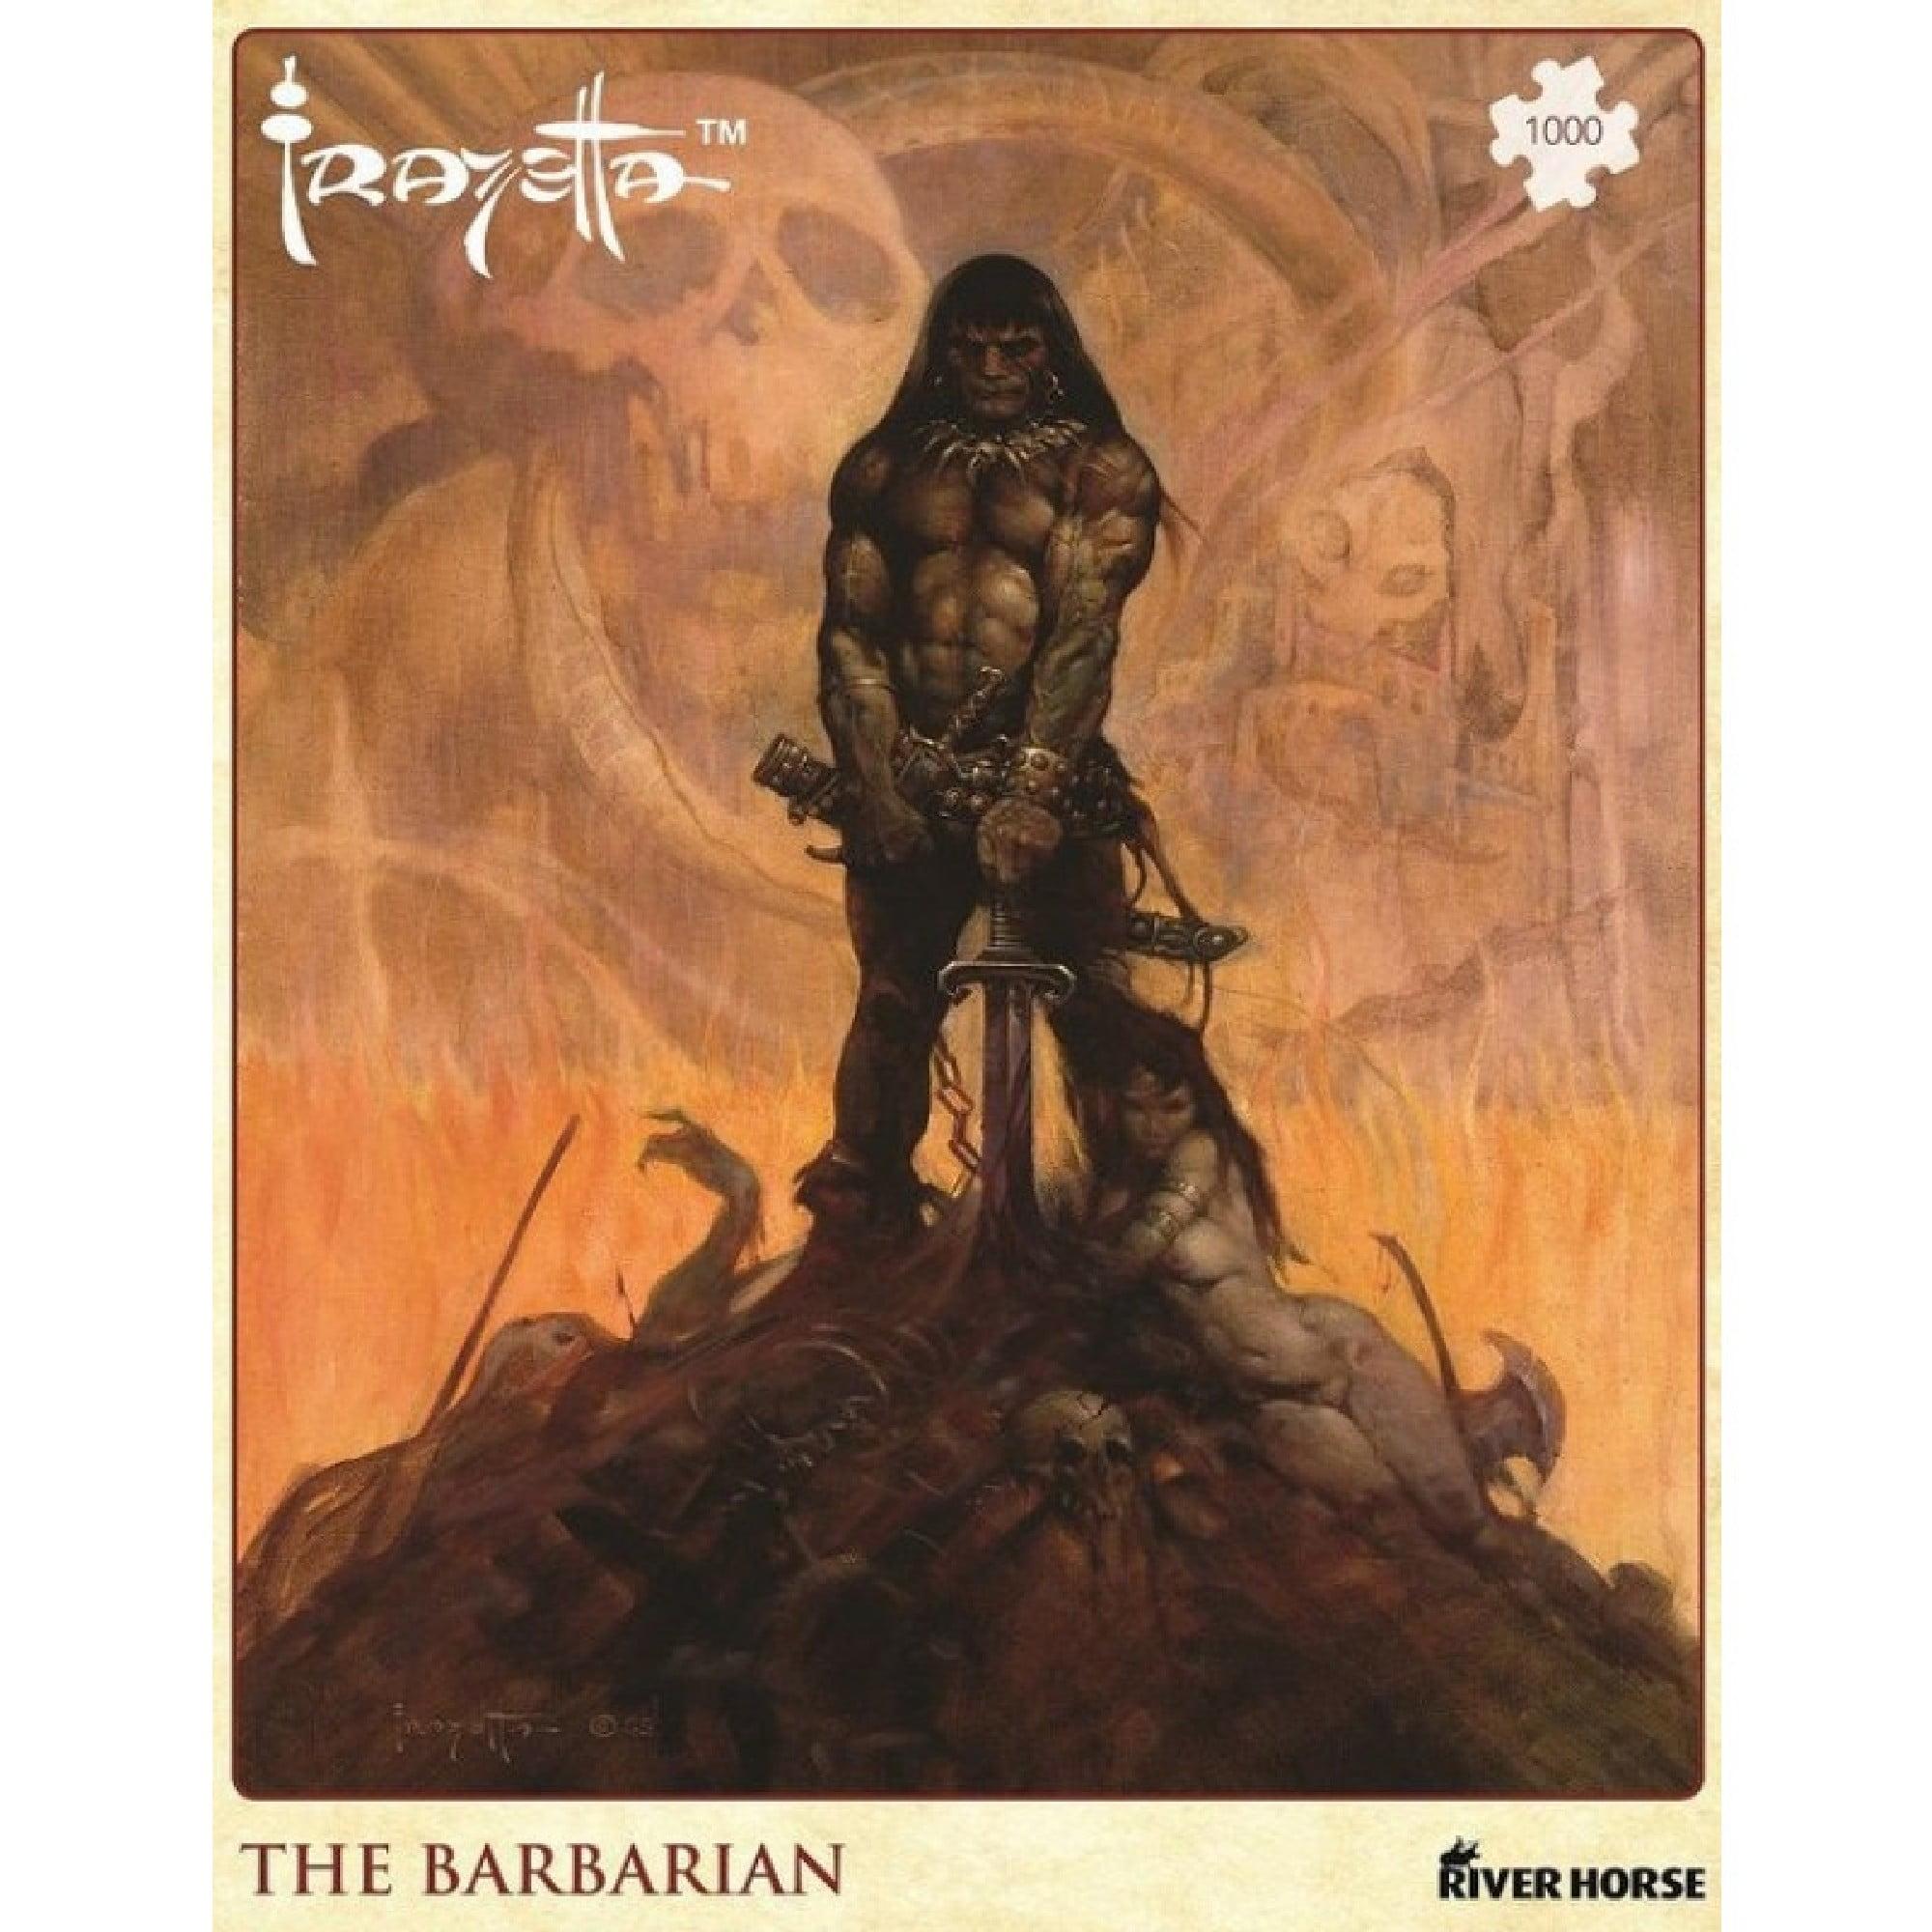 The Barbarian (Quebra-cabeça de Luxo com arte de Frank Frazetta) 1000 Peças